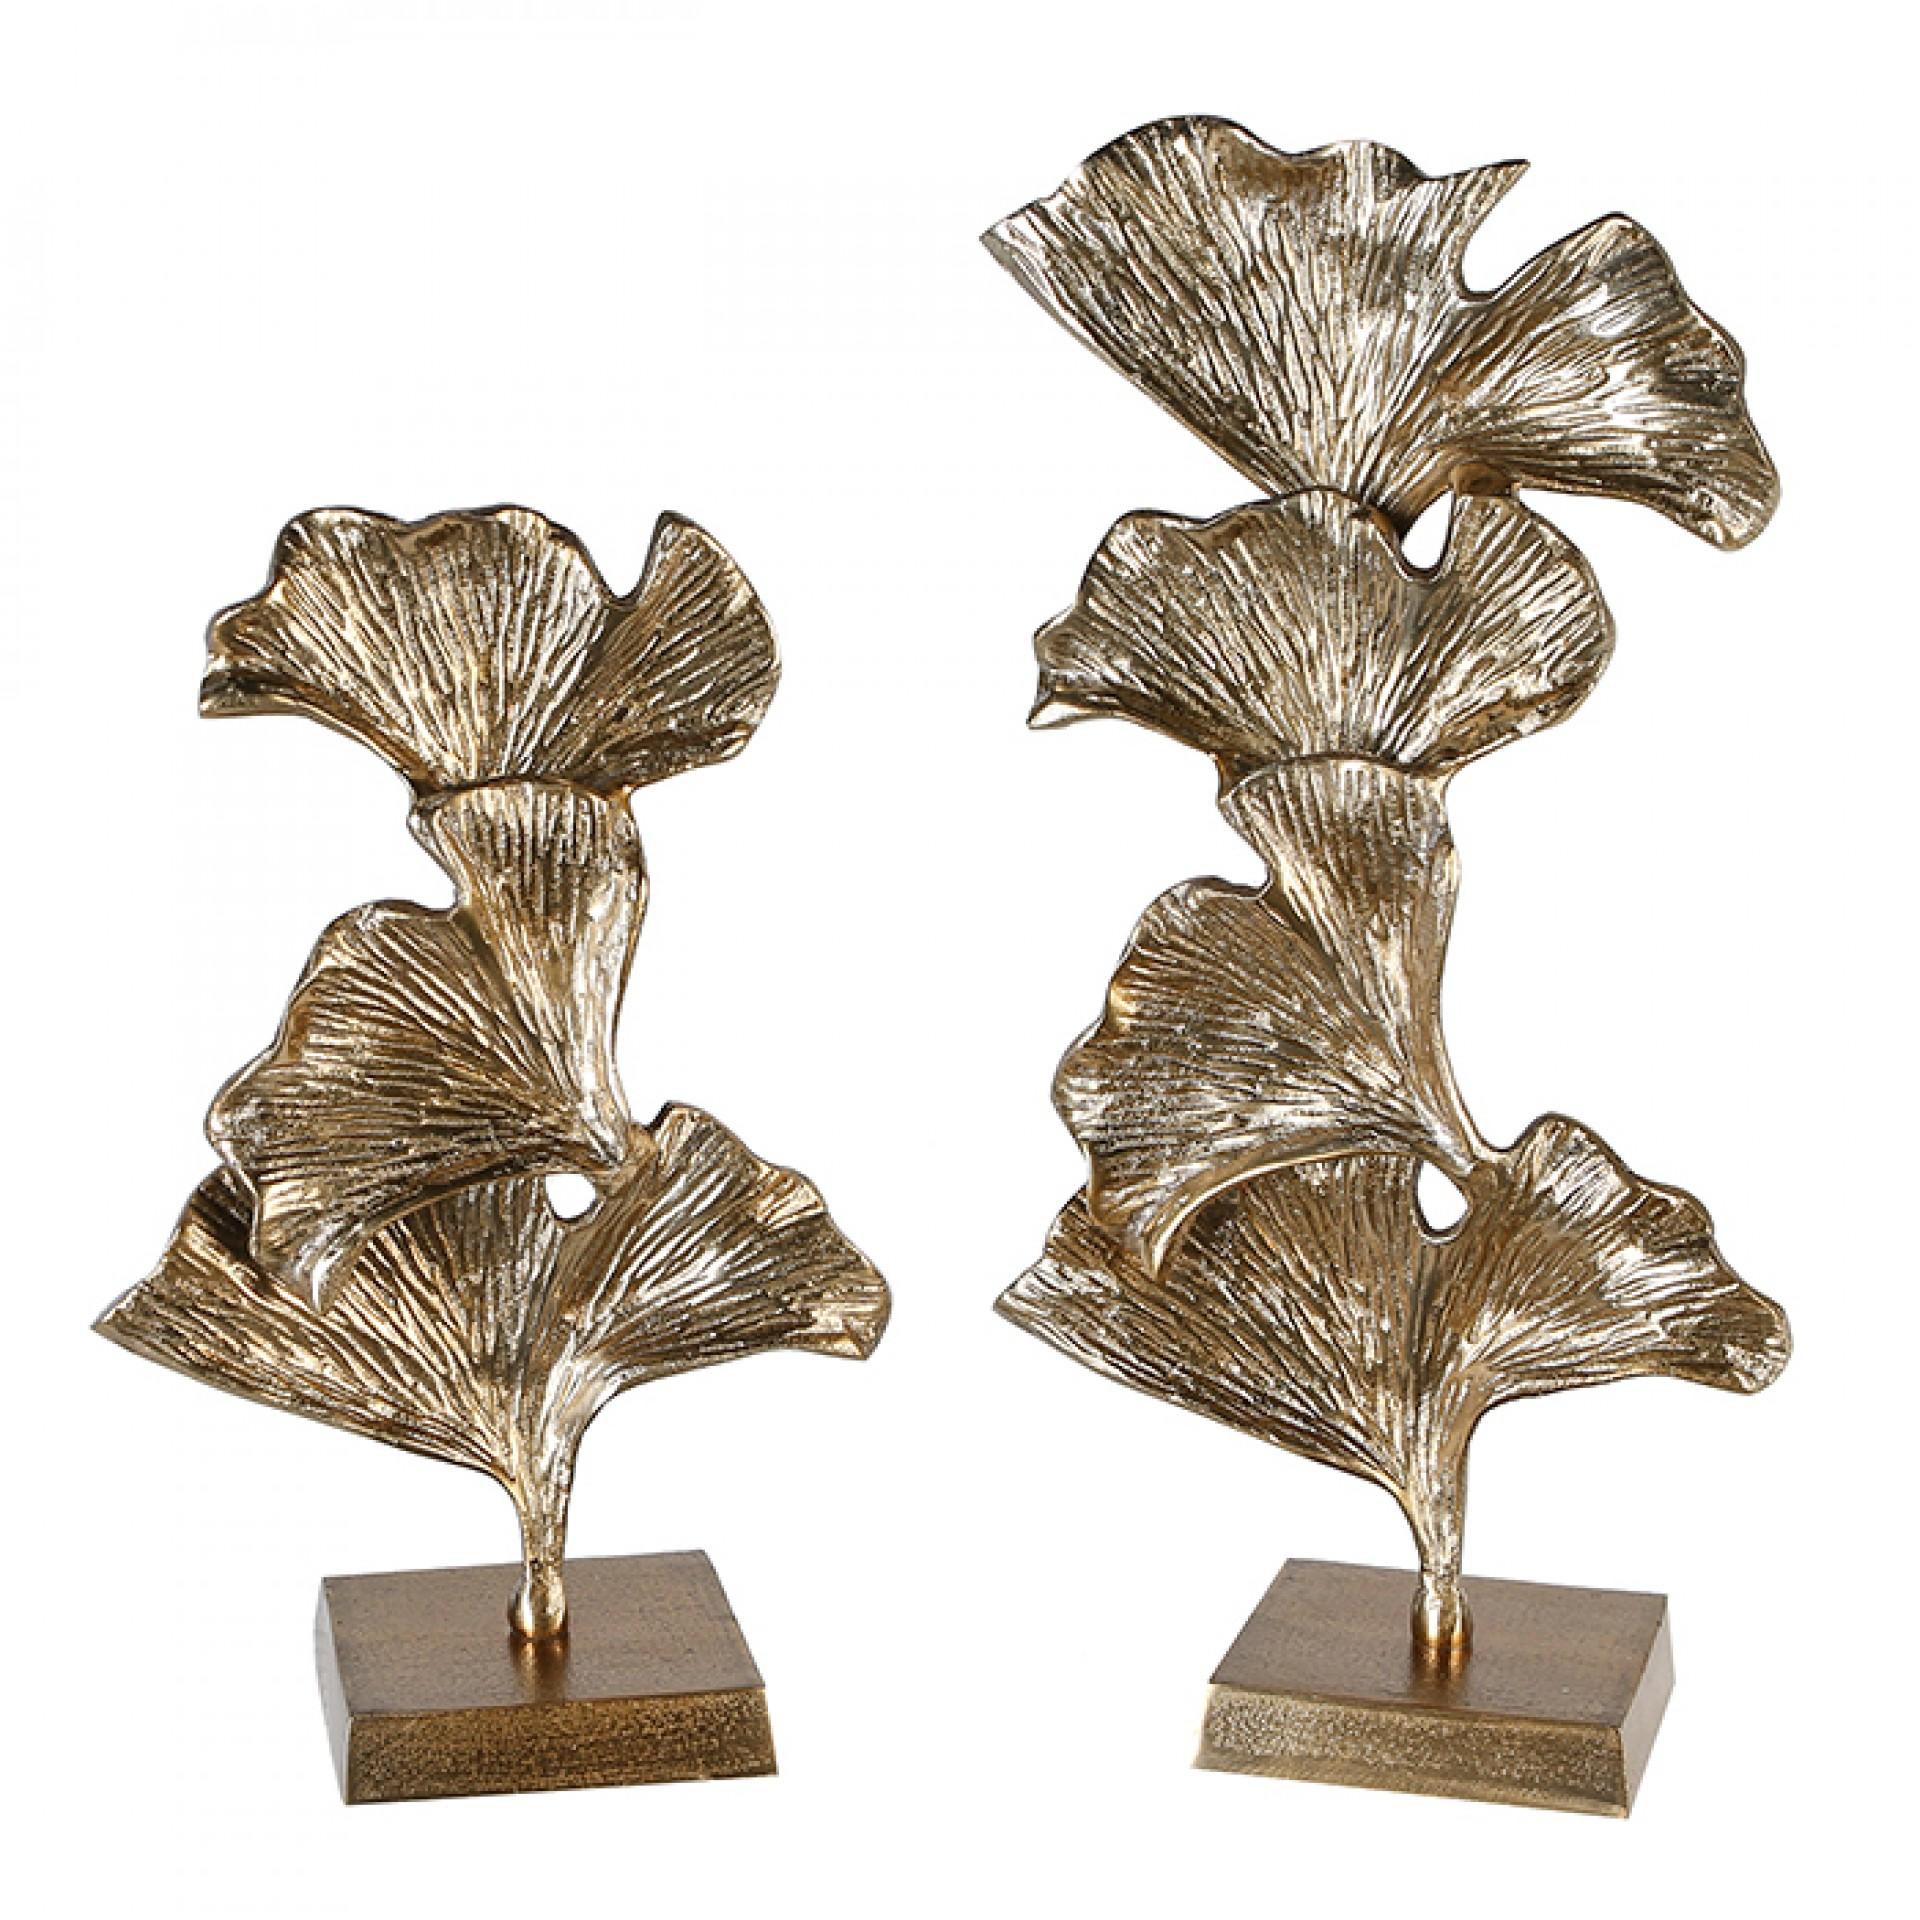 Hliníková dekorace Ginkgo, 38 cm, zlatá